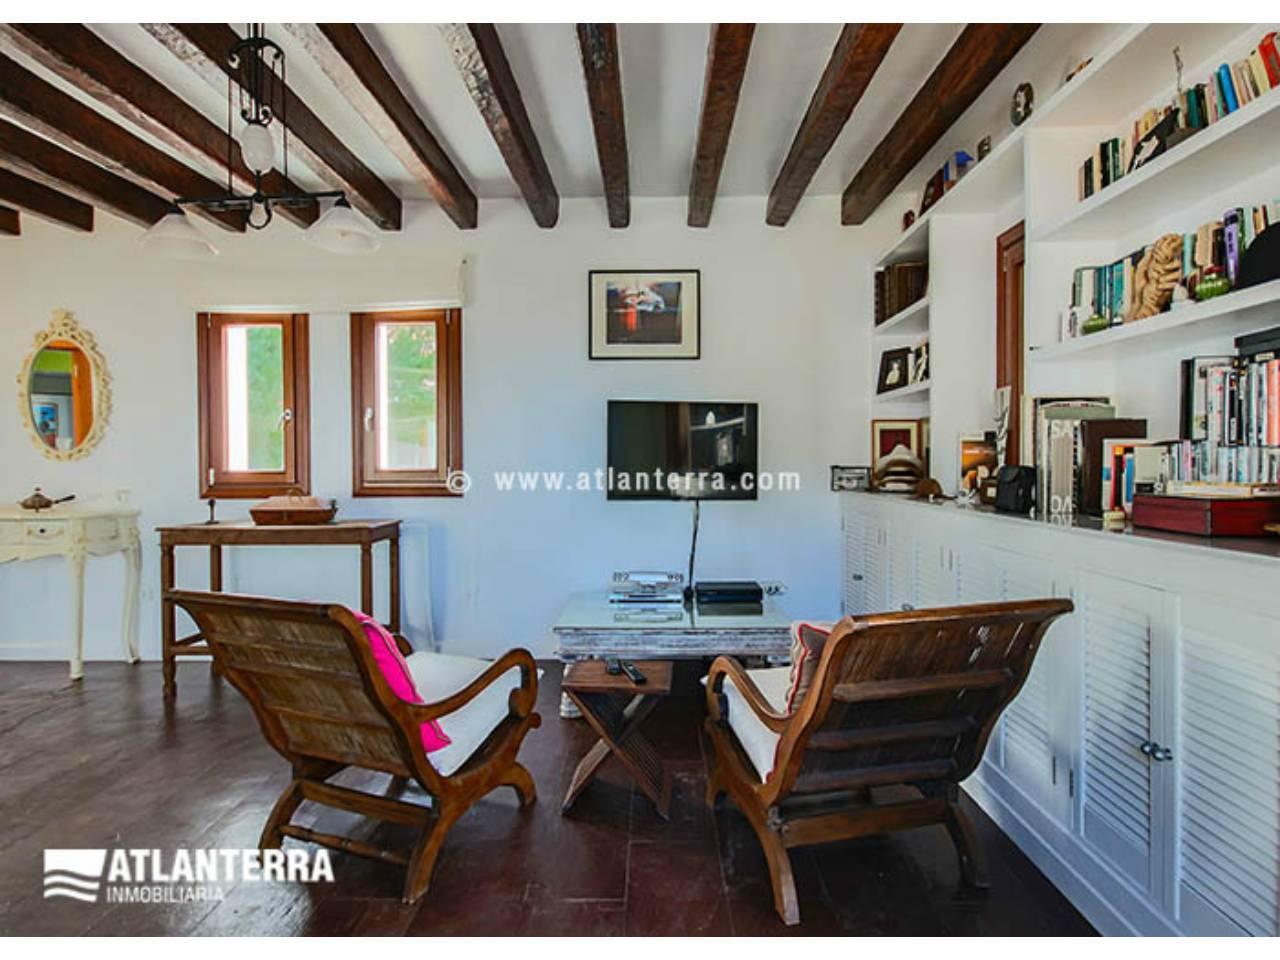 25885350 3170057 foto 913804 - Estilo rústico, privacidad y vistas maravillosas en esta villa en Zahara de los Atunes (Cádiz)